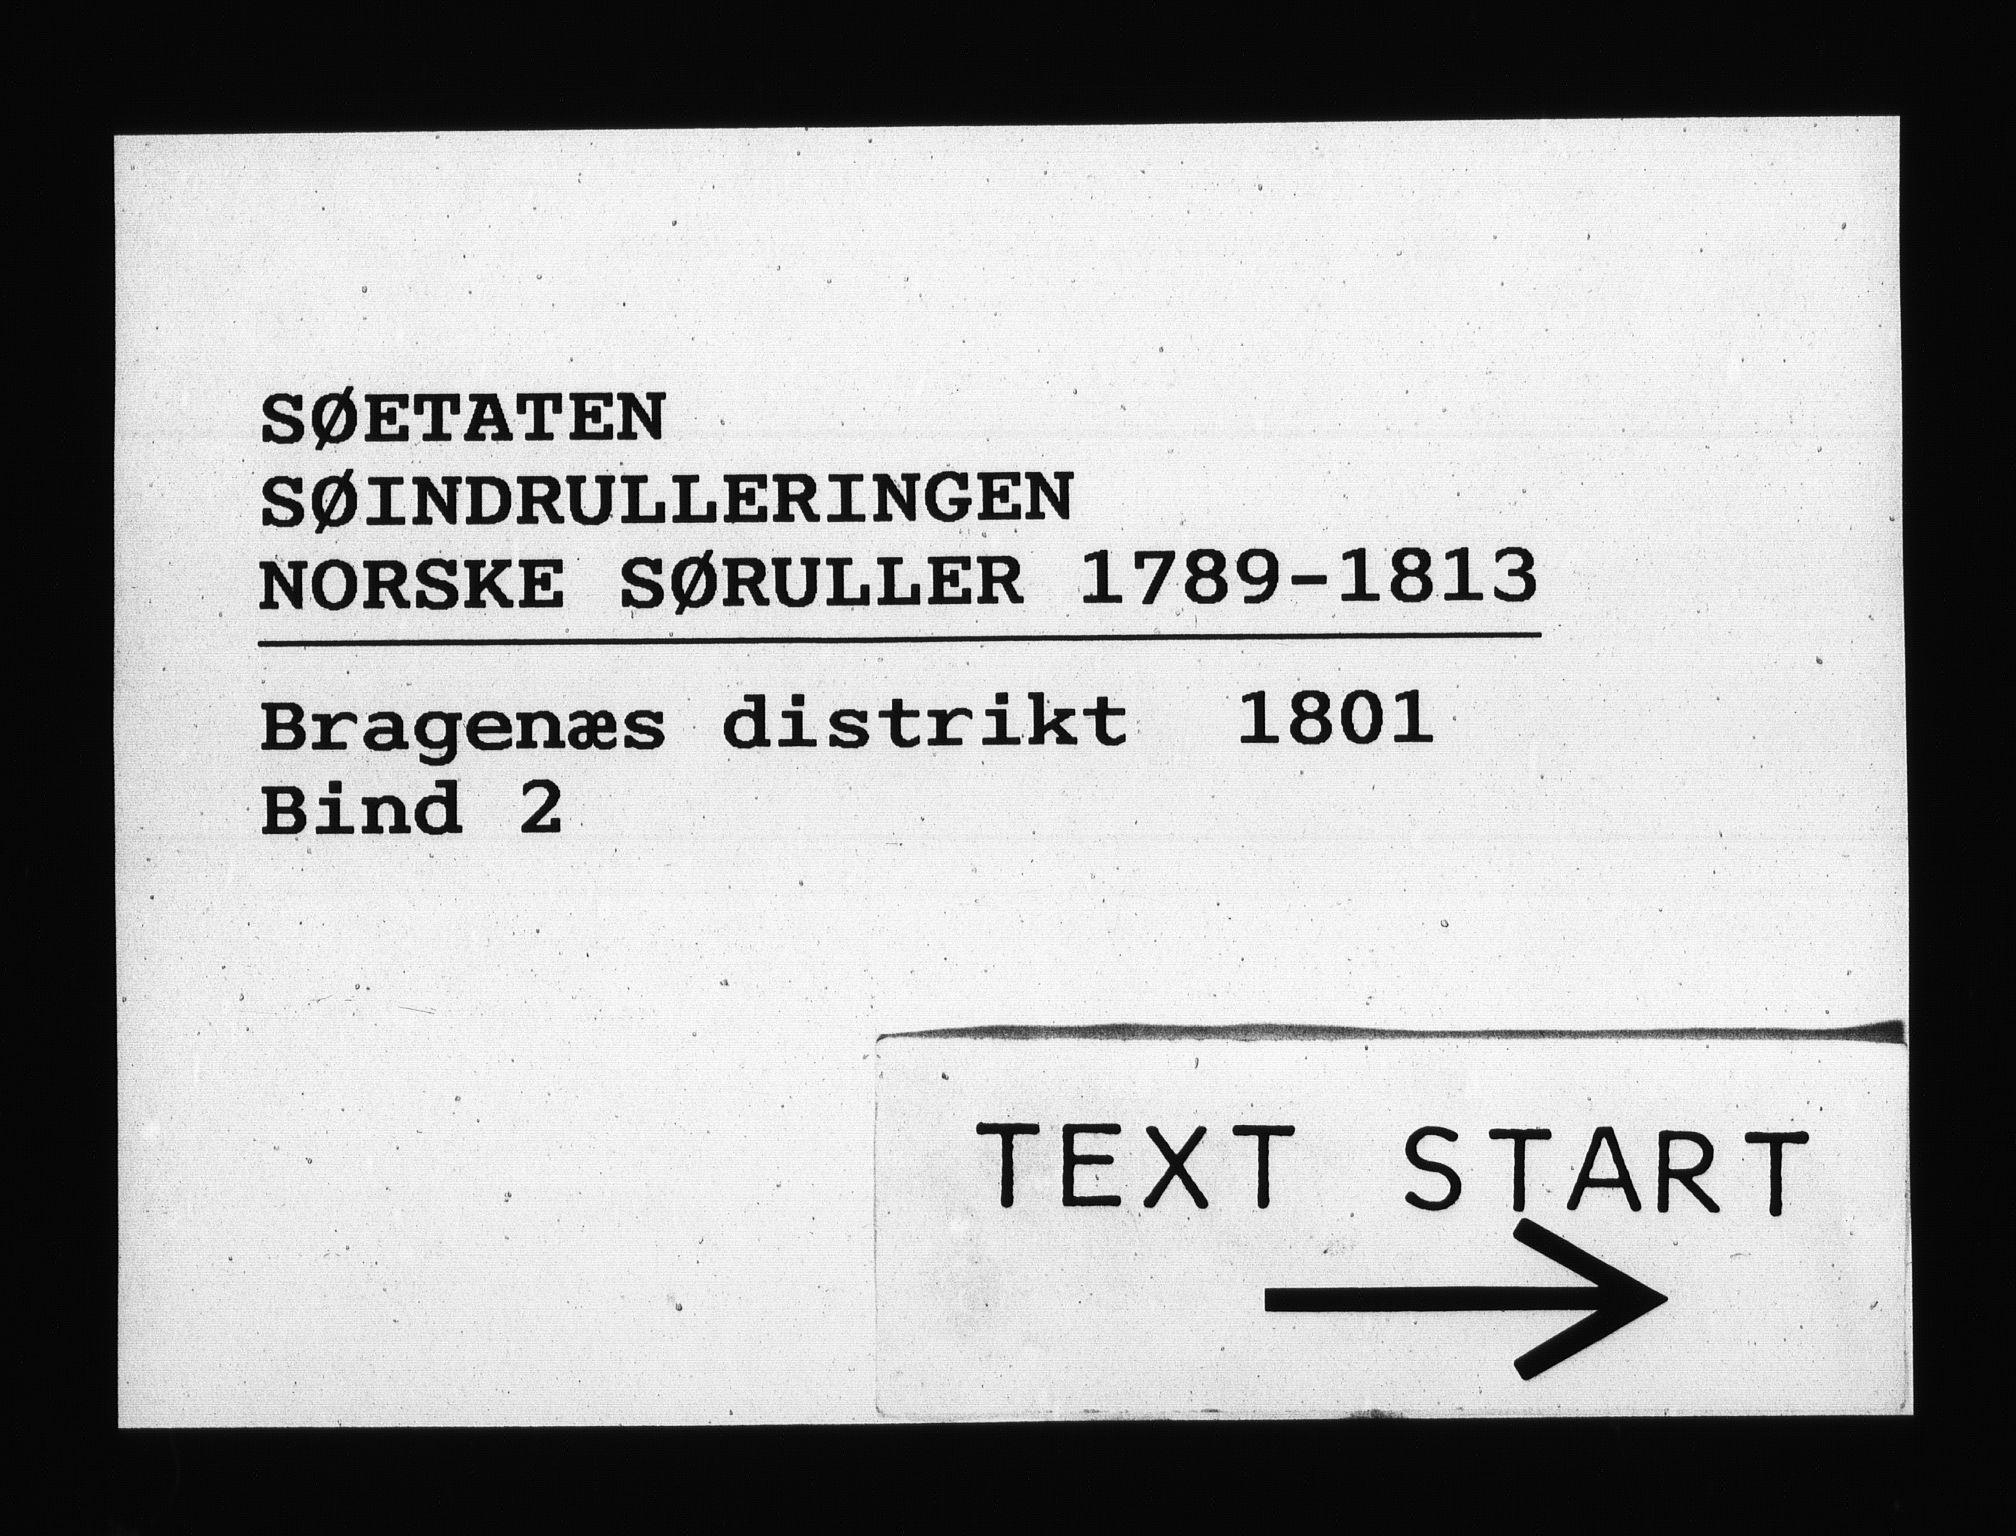 RA, Sjøetaten, F/L0135: Bragernes distrikt, bind 2, 1801